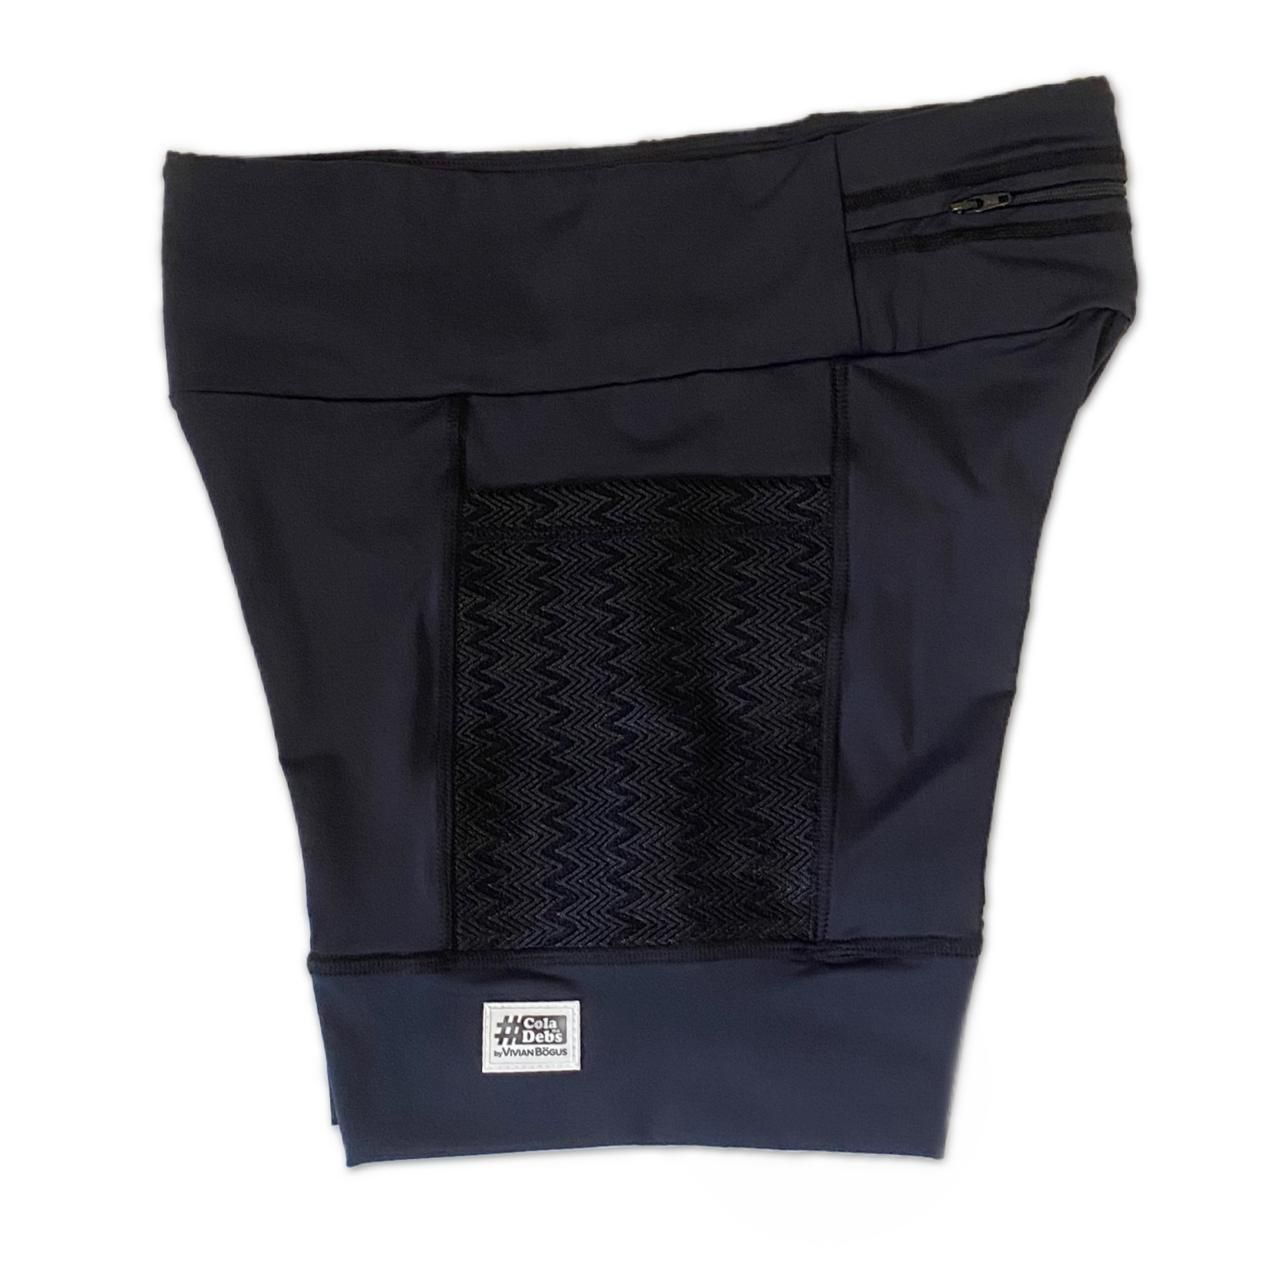 Shorts com bolso secreto em sportiva preto bolso textura preto  - Vivian Bógus